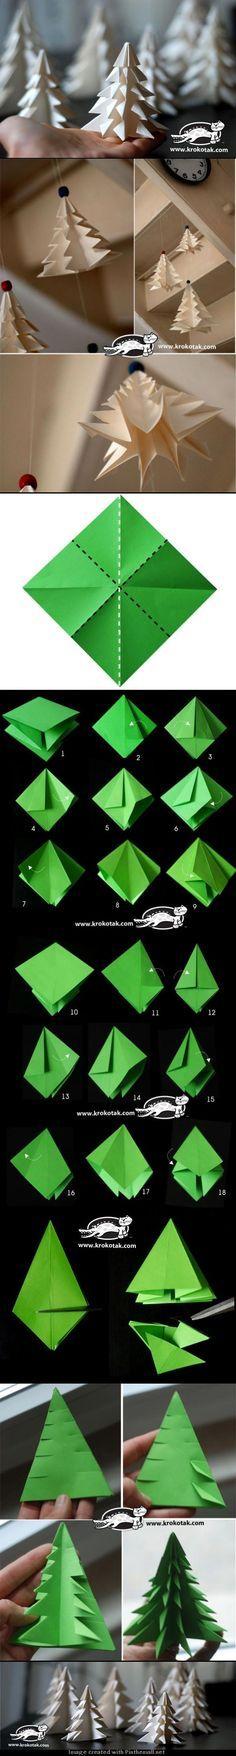 Origami Weihnachtsbaum Mehr